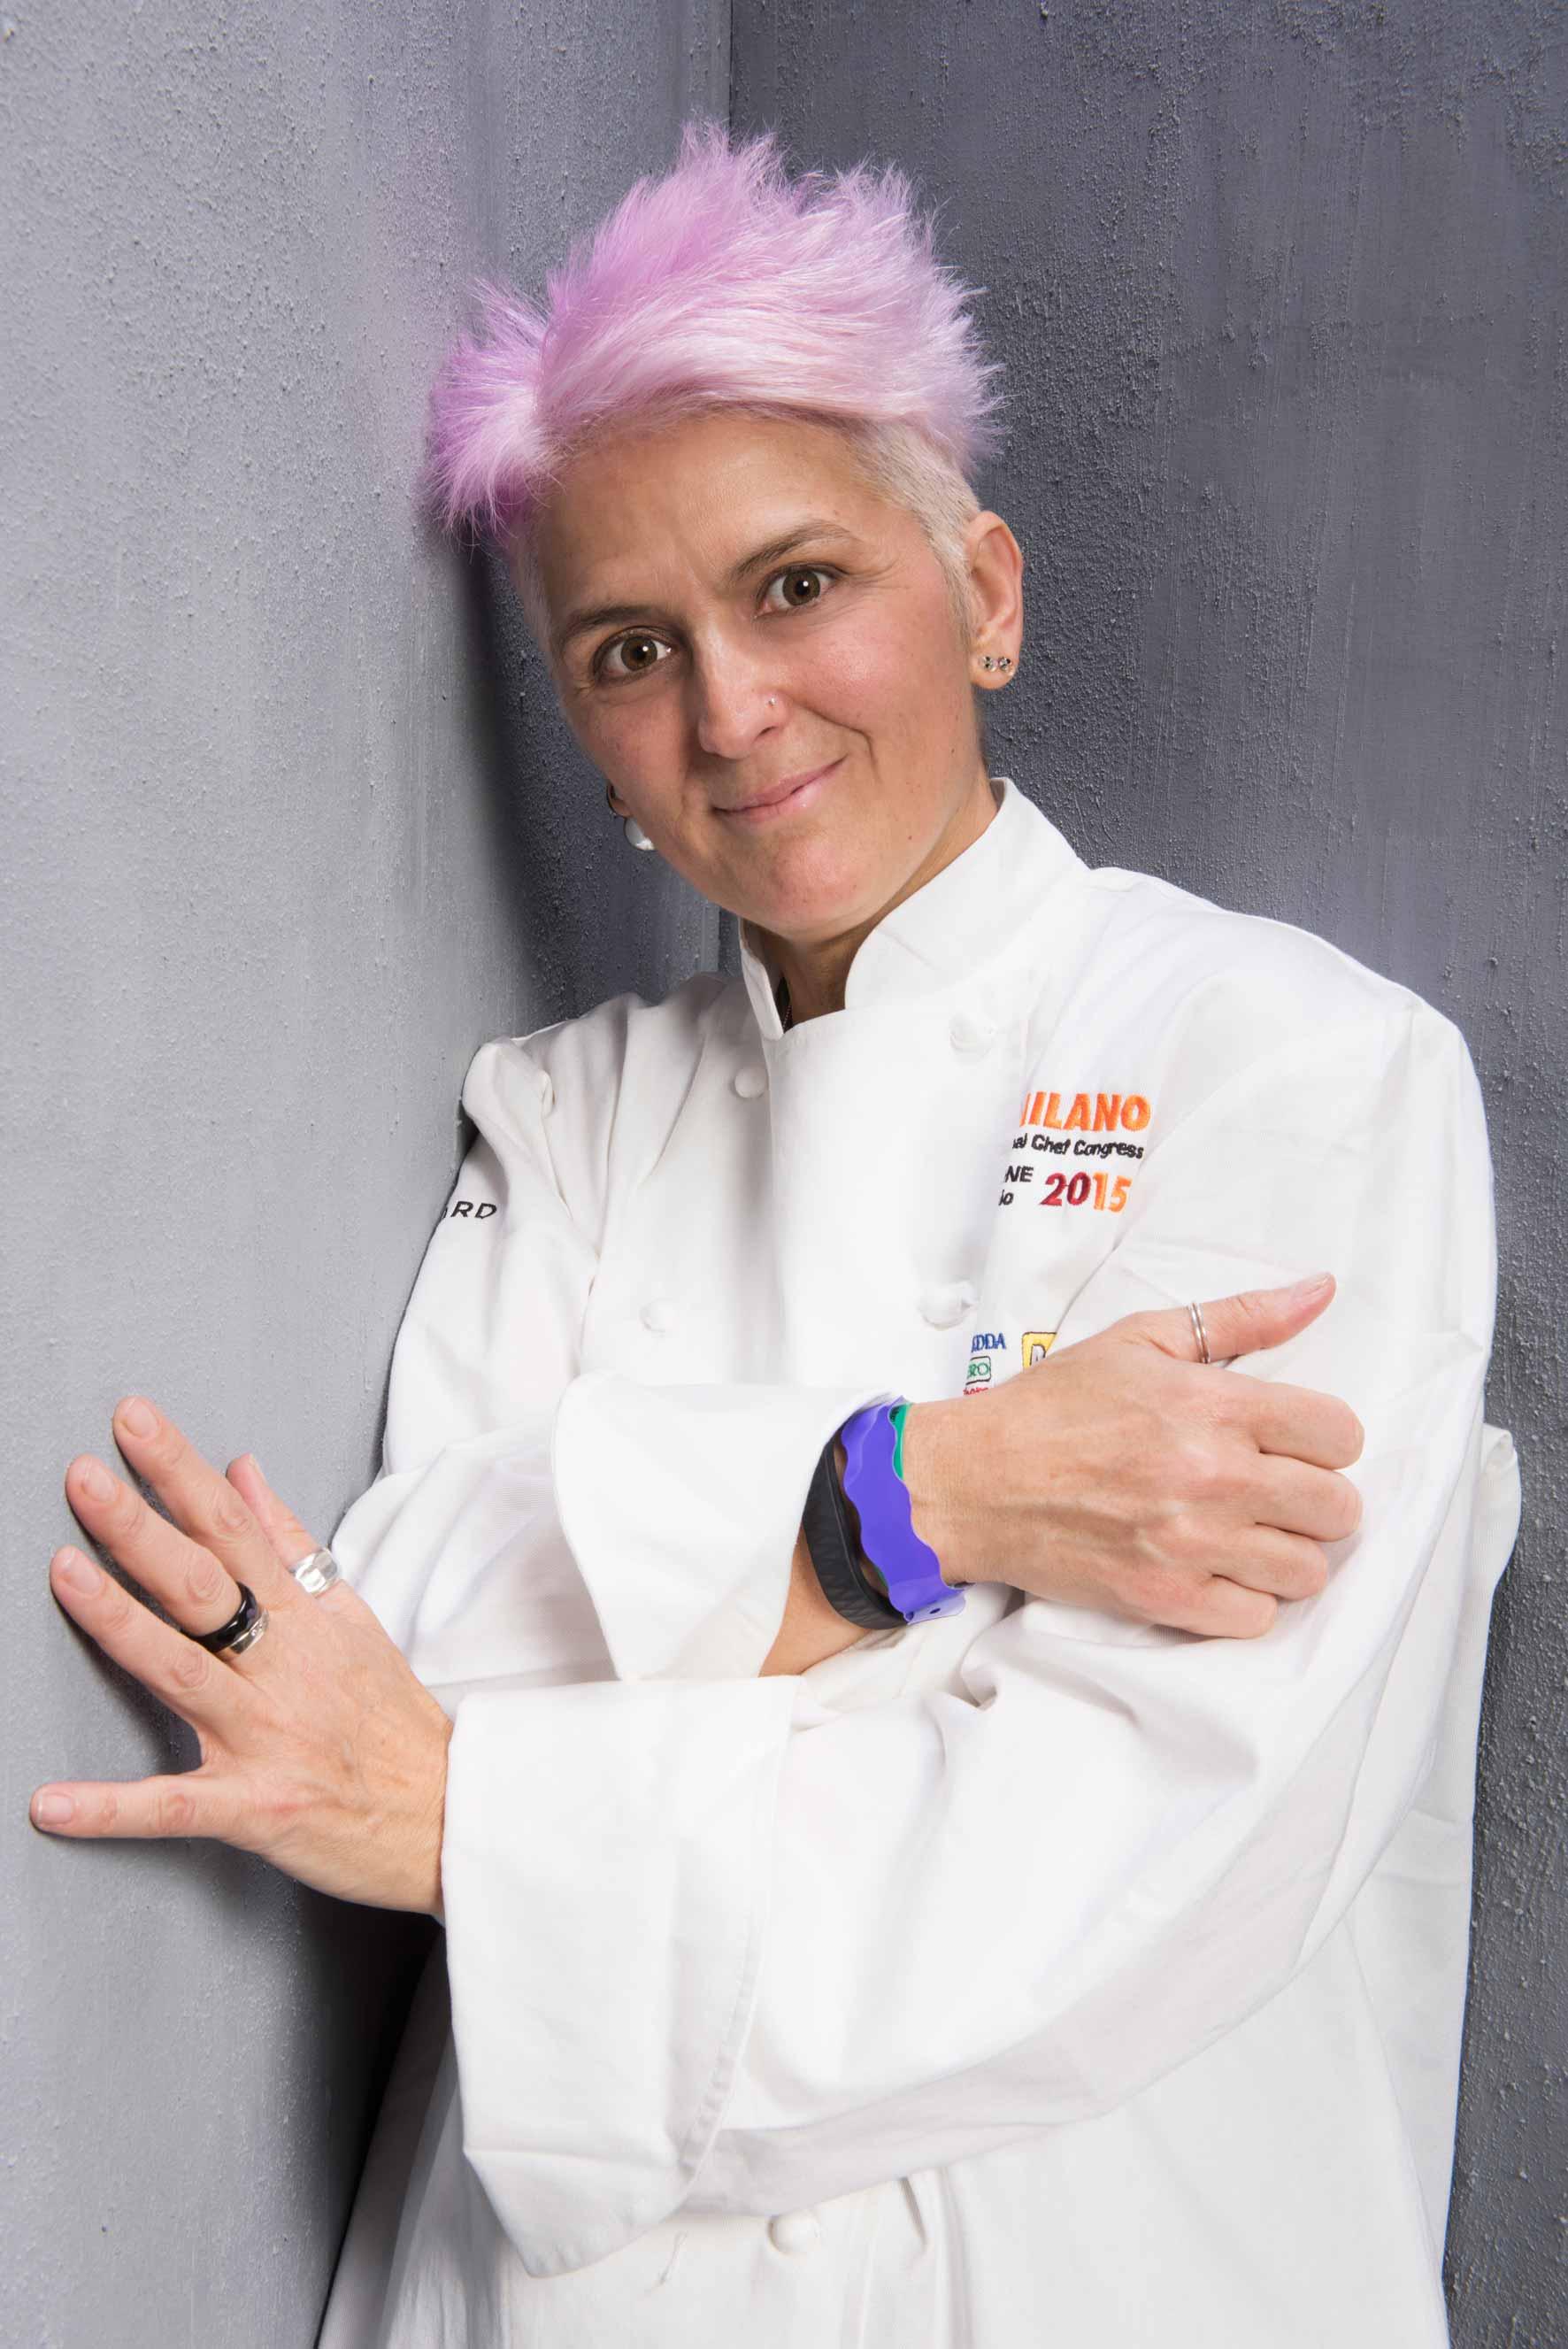 Cristina Bowerman chef del ristorante Glass Hostaria a Trastevere, una stella Michelin